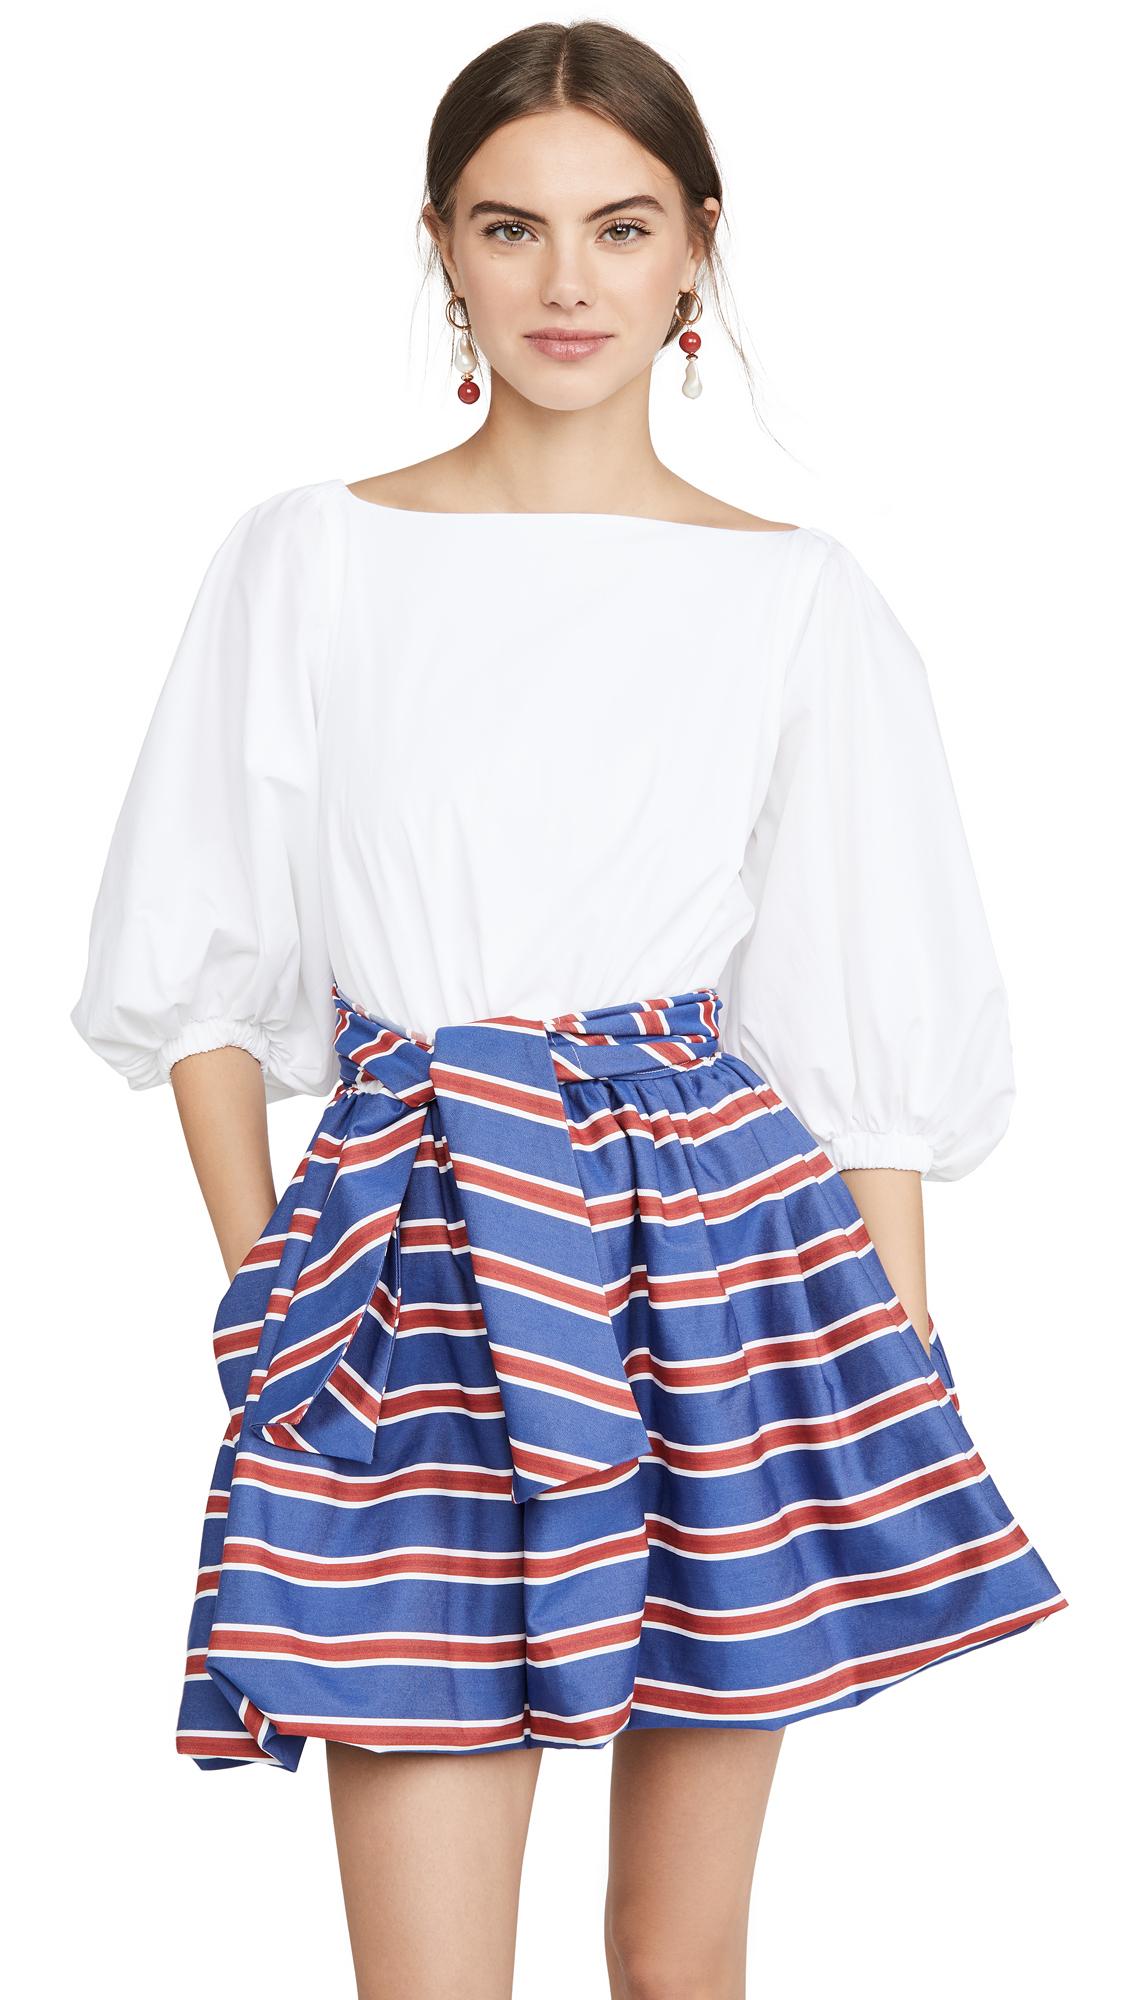 Stella Jean Mini Dress With Striped Skirt - 30% Off Sale